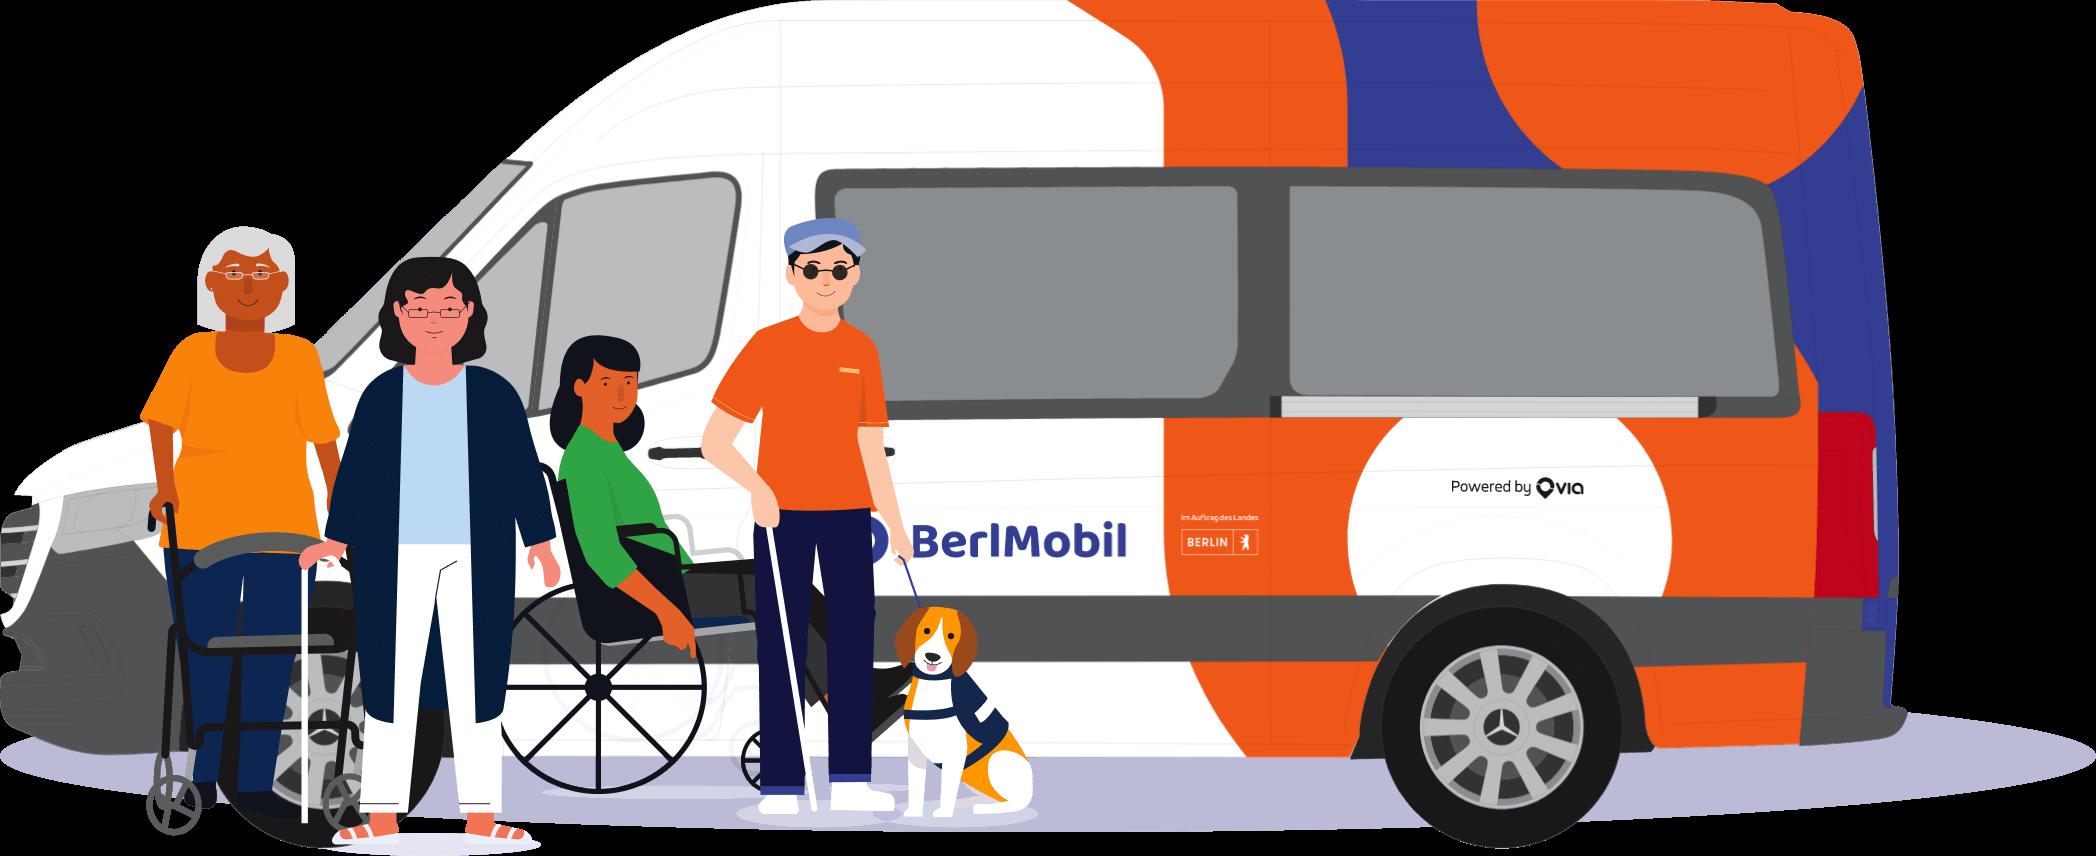 Eine Illustration, die eine Gruppe von Menschen vor dem BerlMobil darstellt